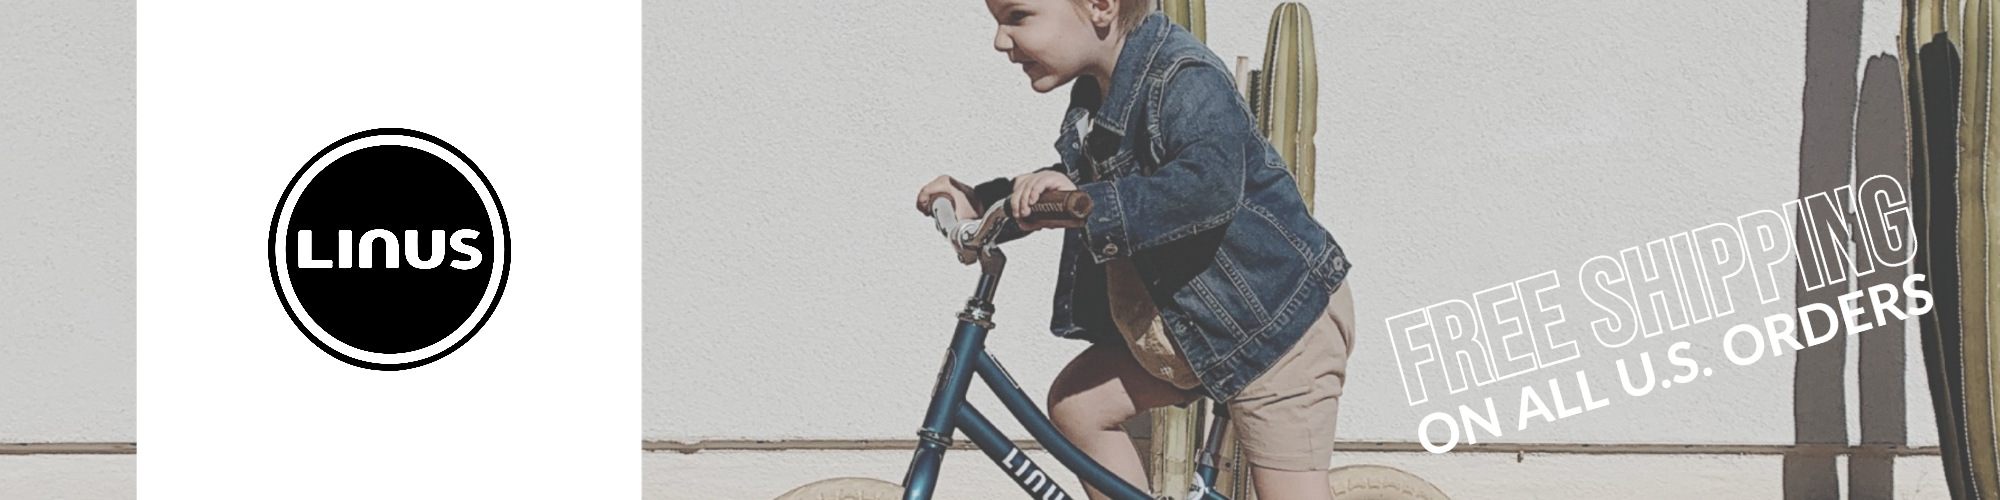 kids-linus.jpg